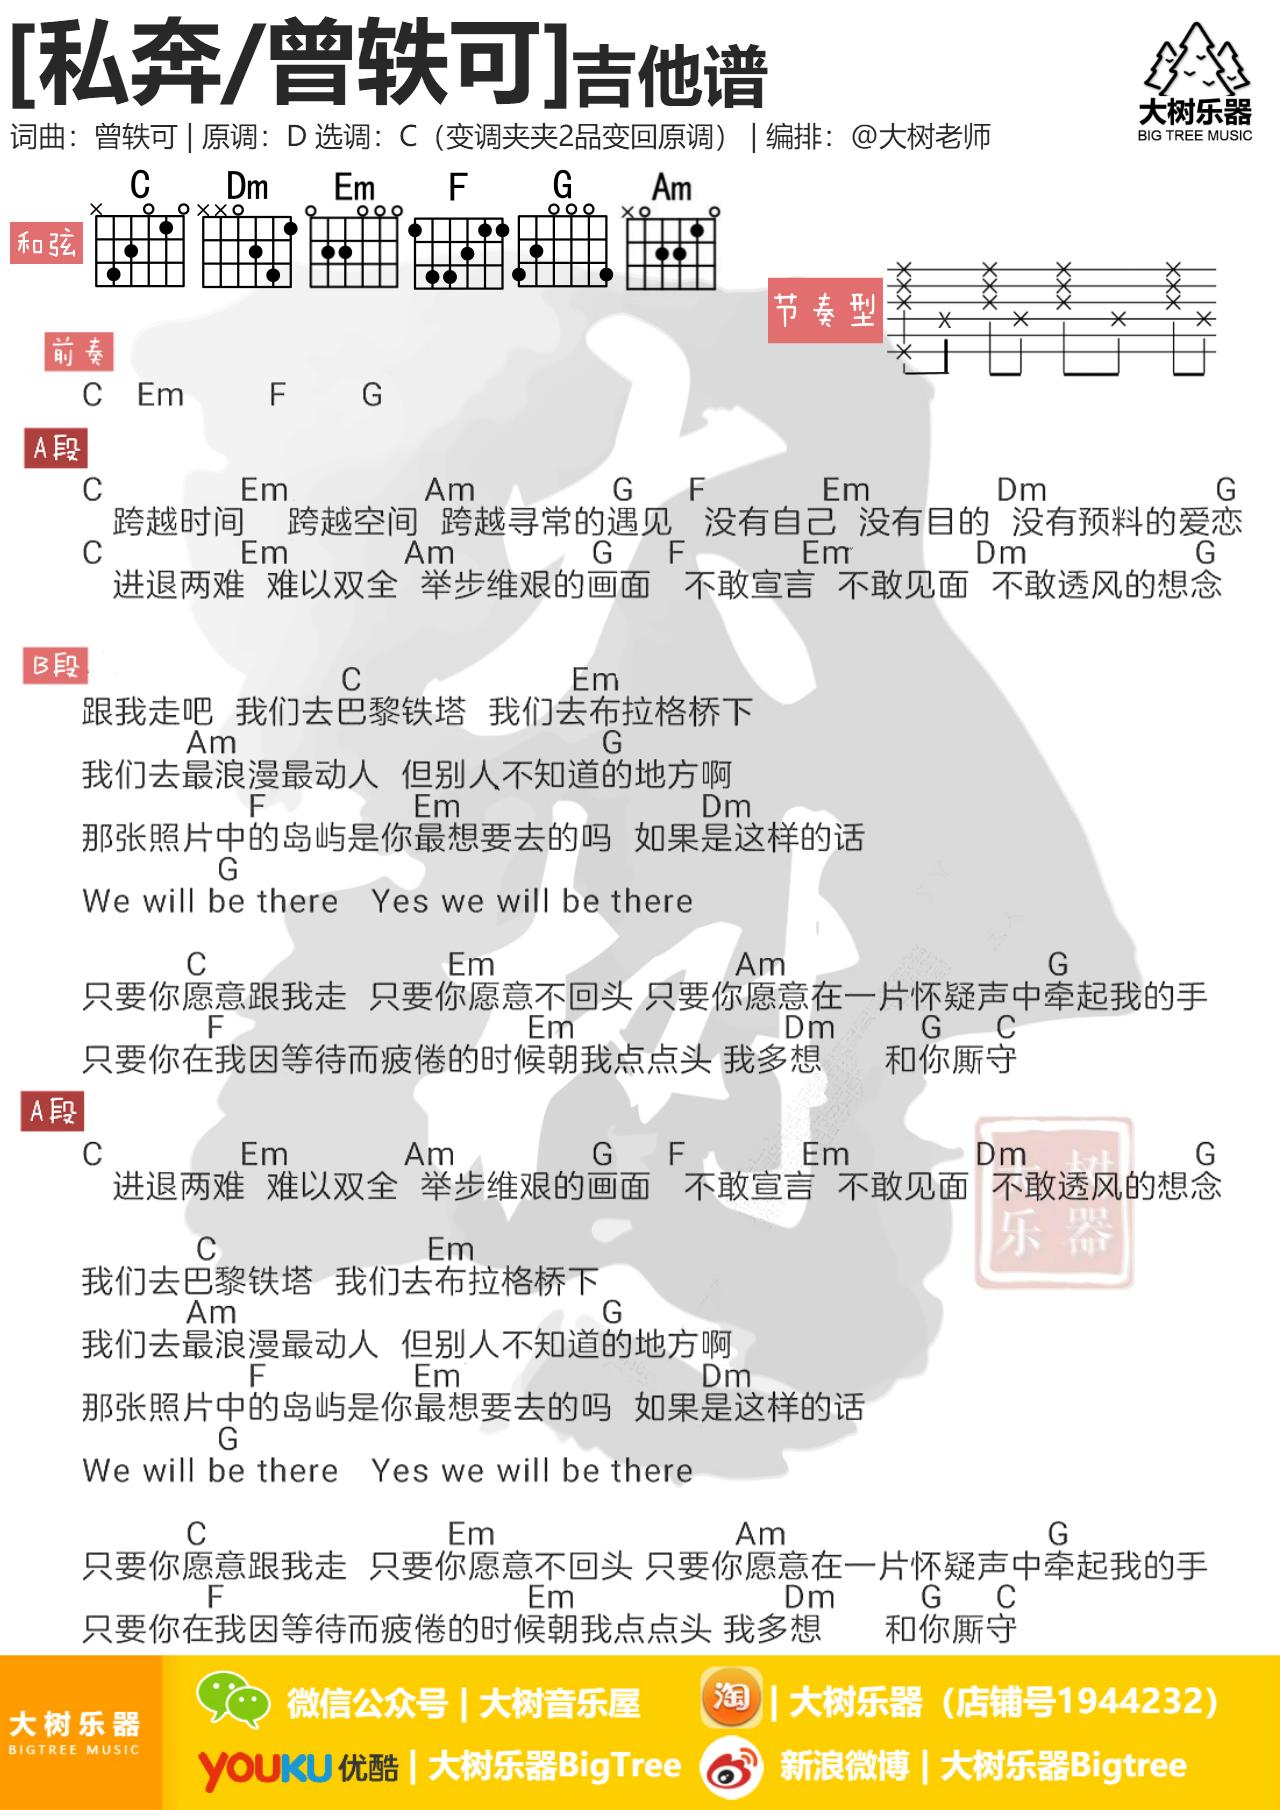 私奔(大树乐器-大树音乐)-吉他谱-C大调音乐网